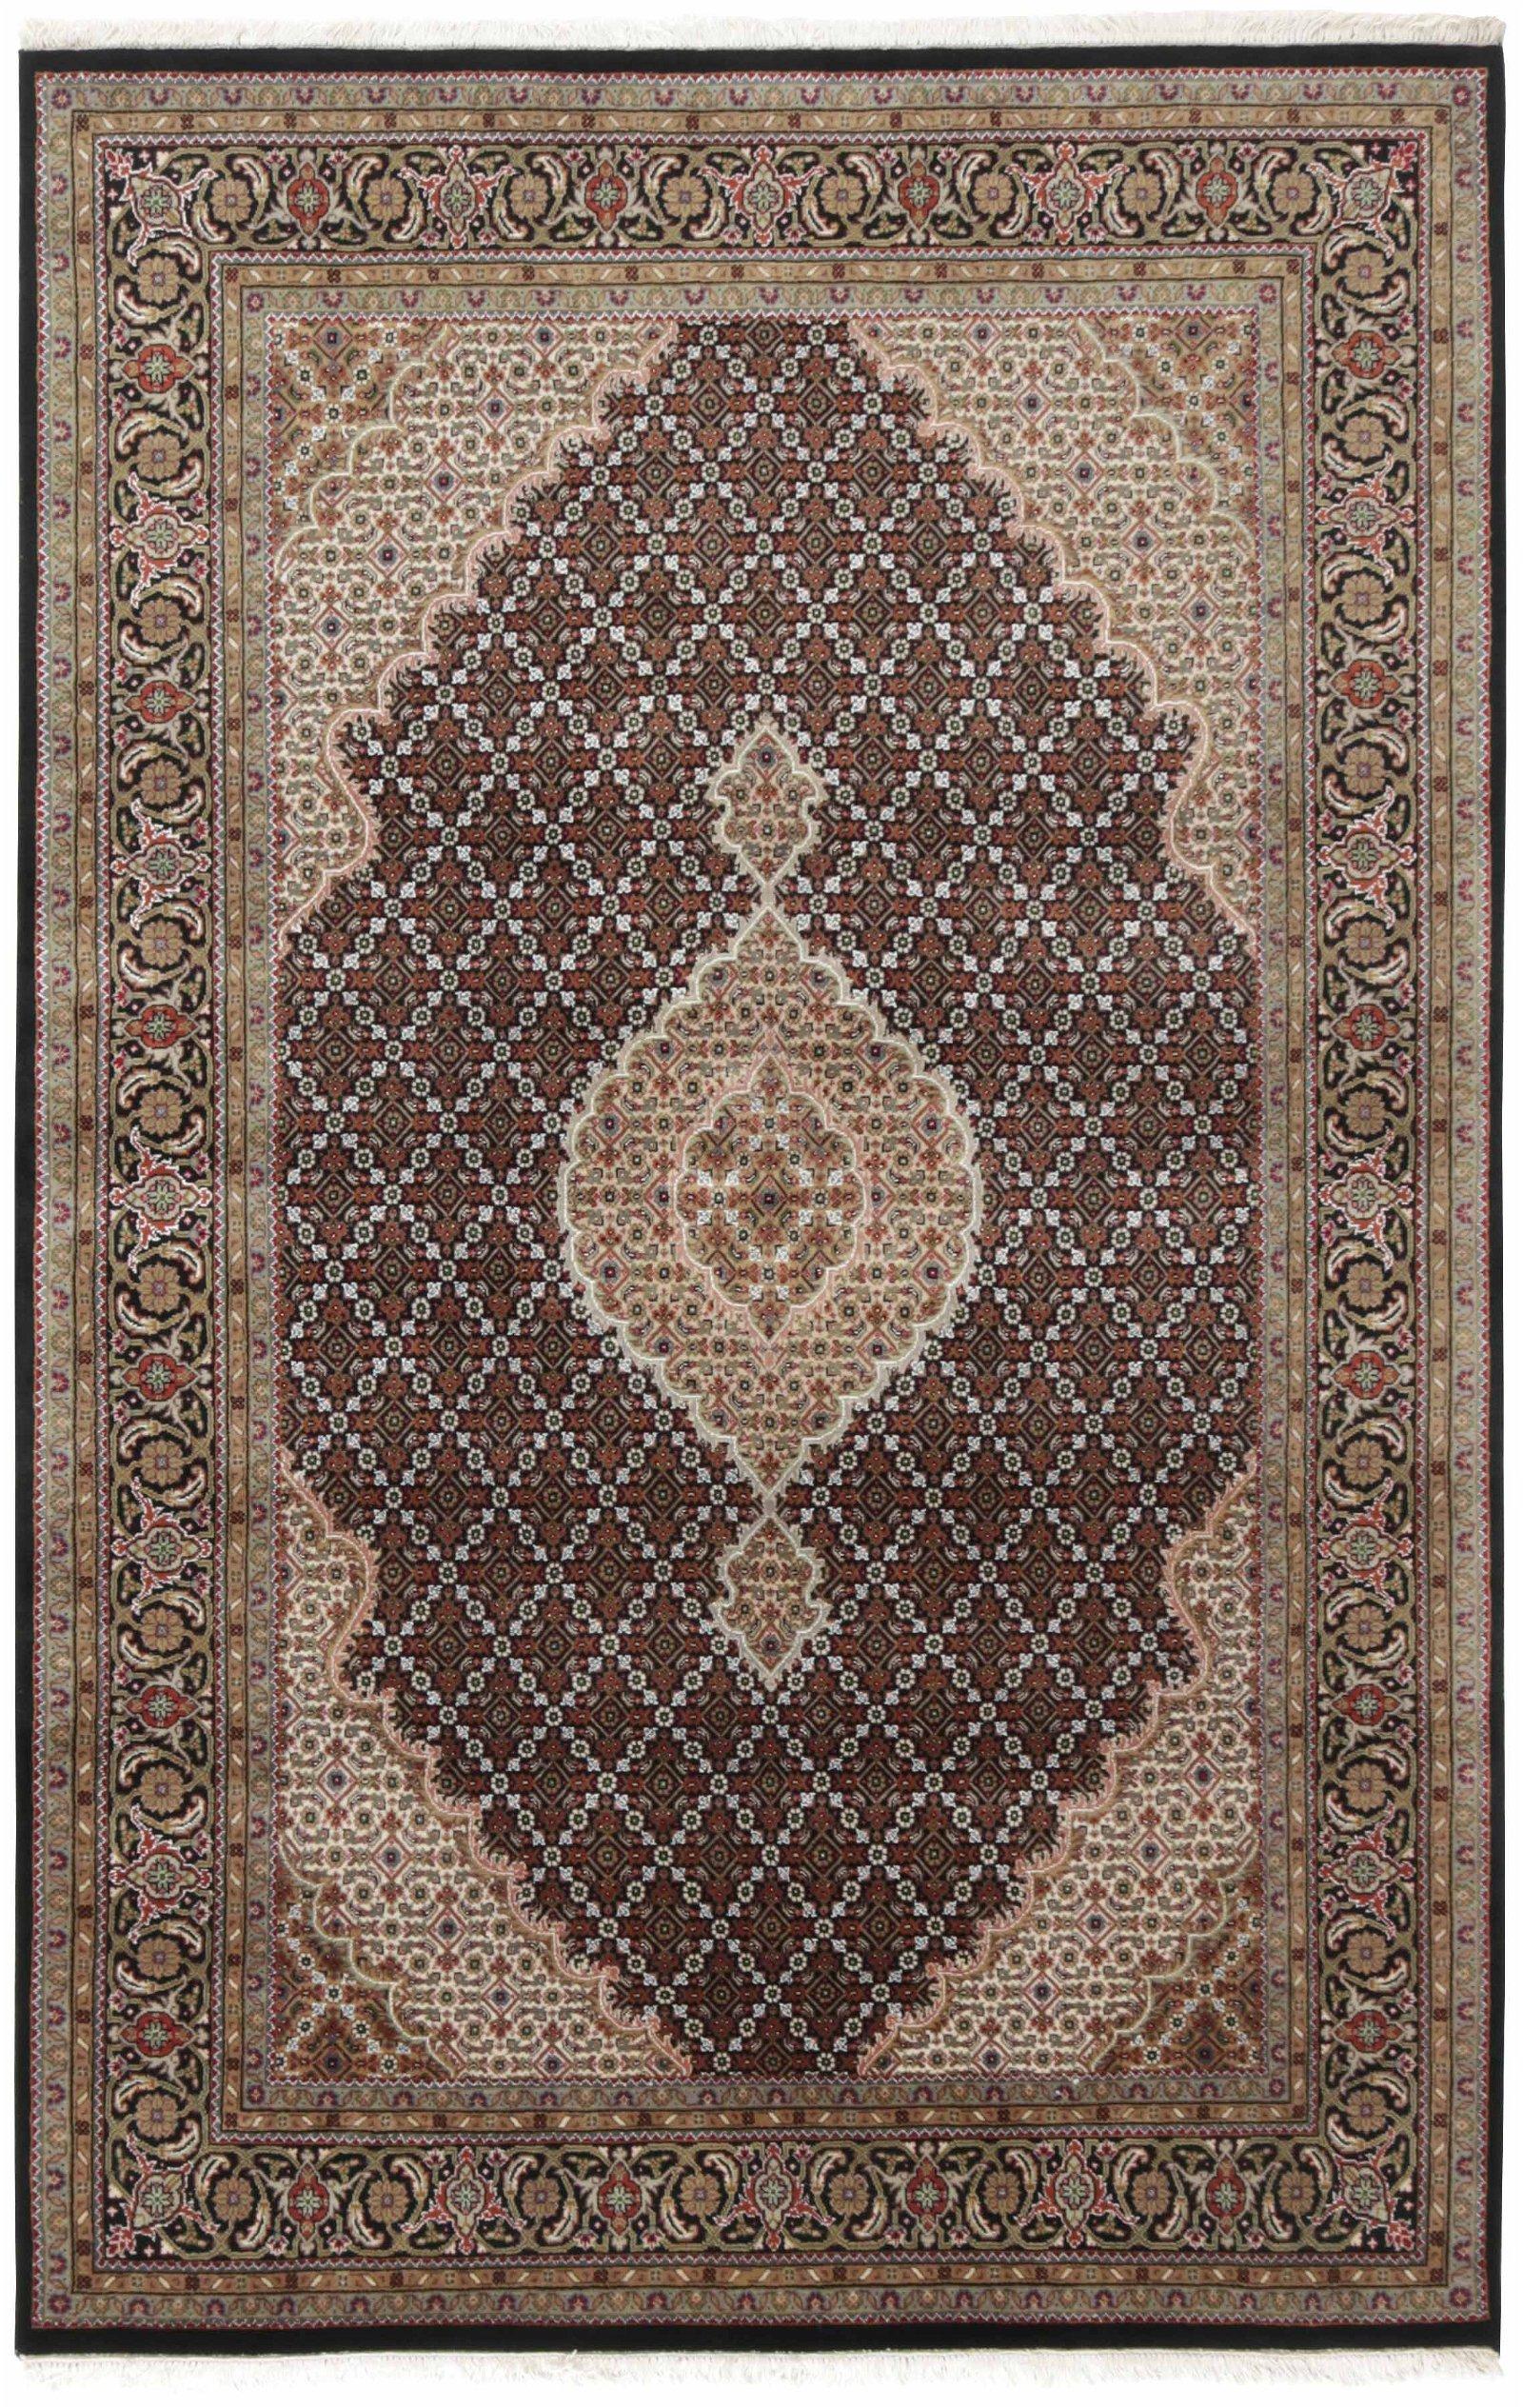 Indien Tabriz Royal 170x240 1218543